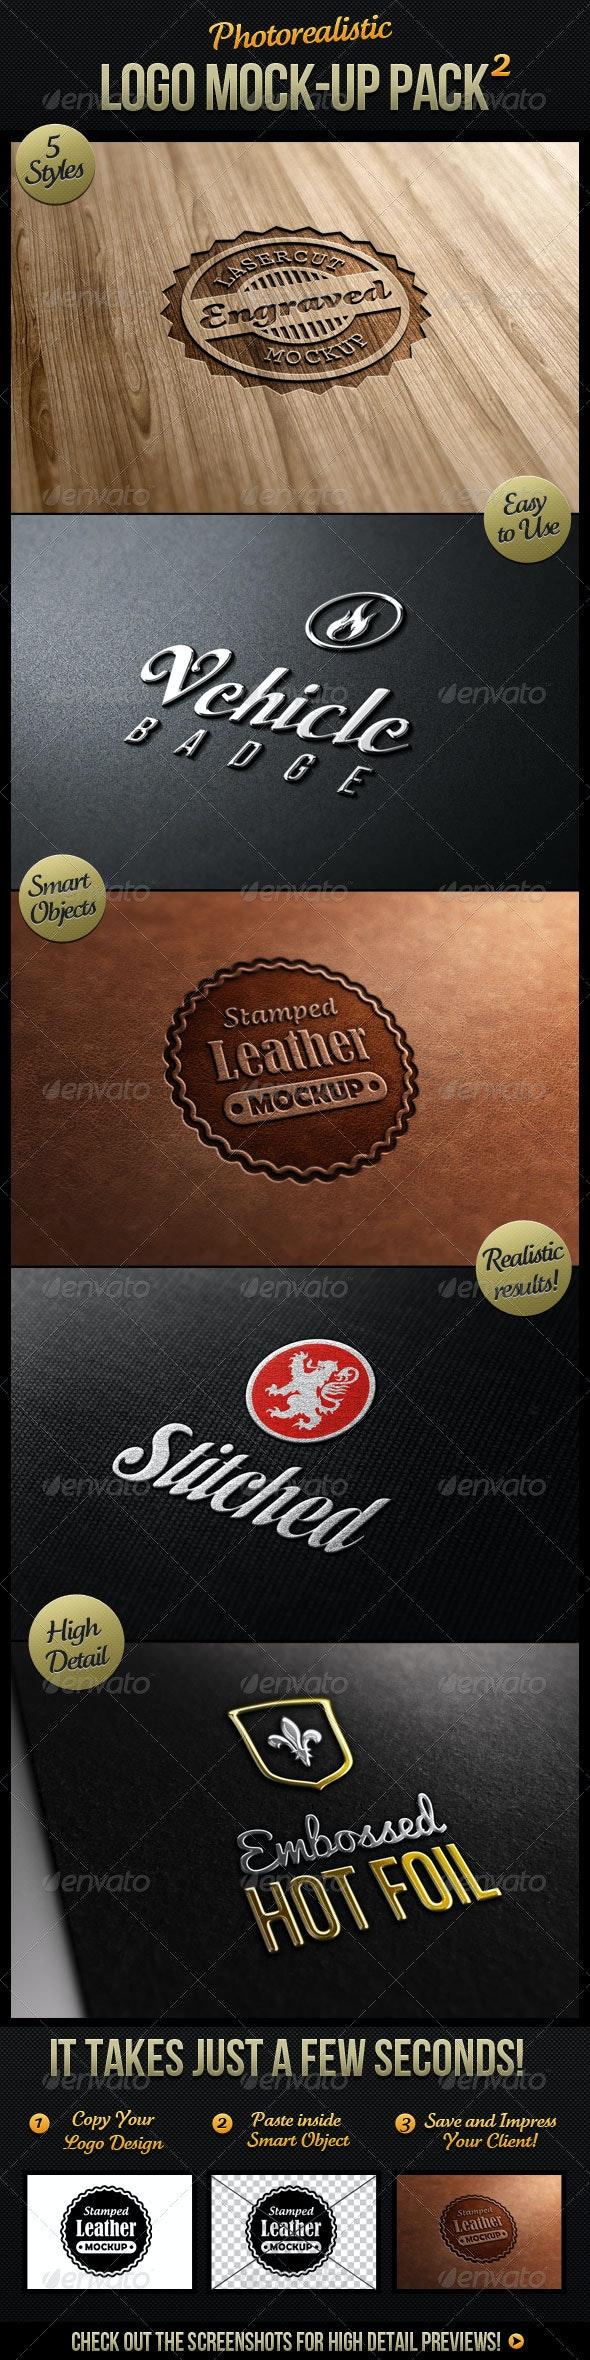 Photorealistic Logo Mock-Up Pack 2 - Logo Product Mock-Ups